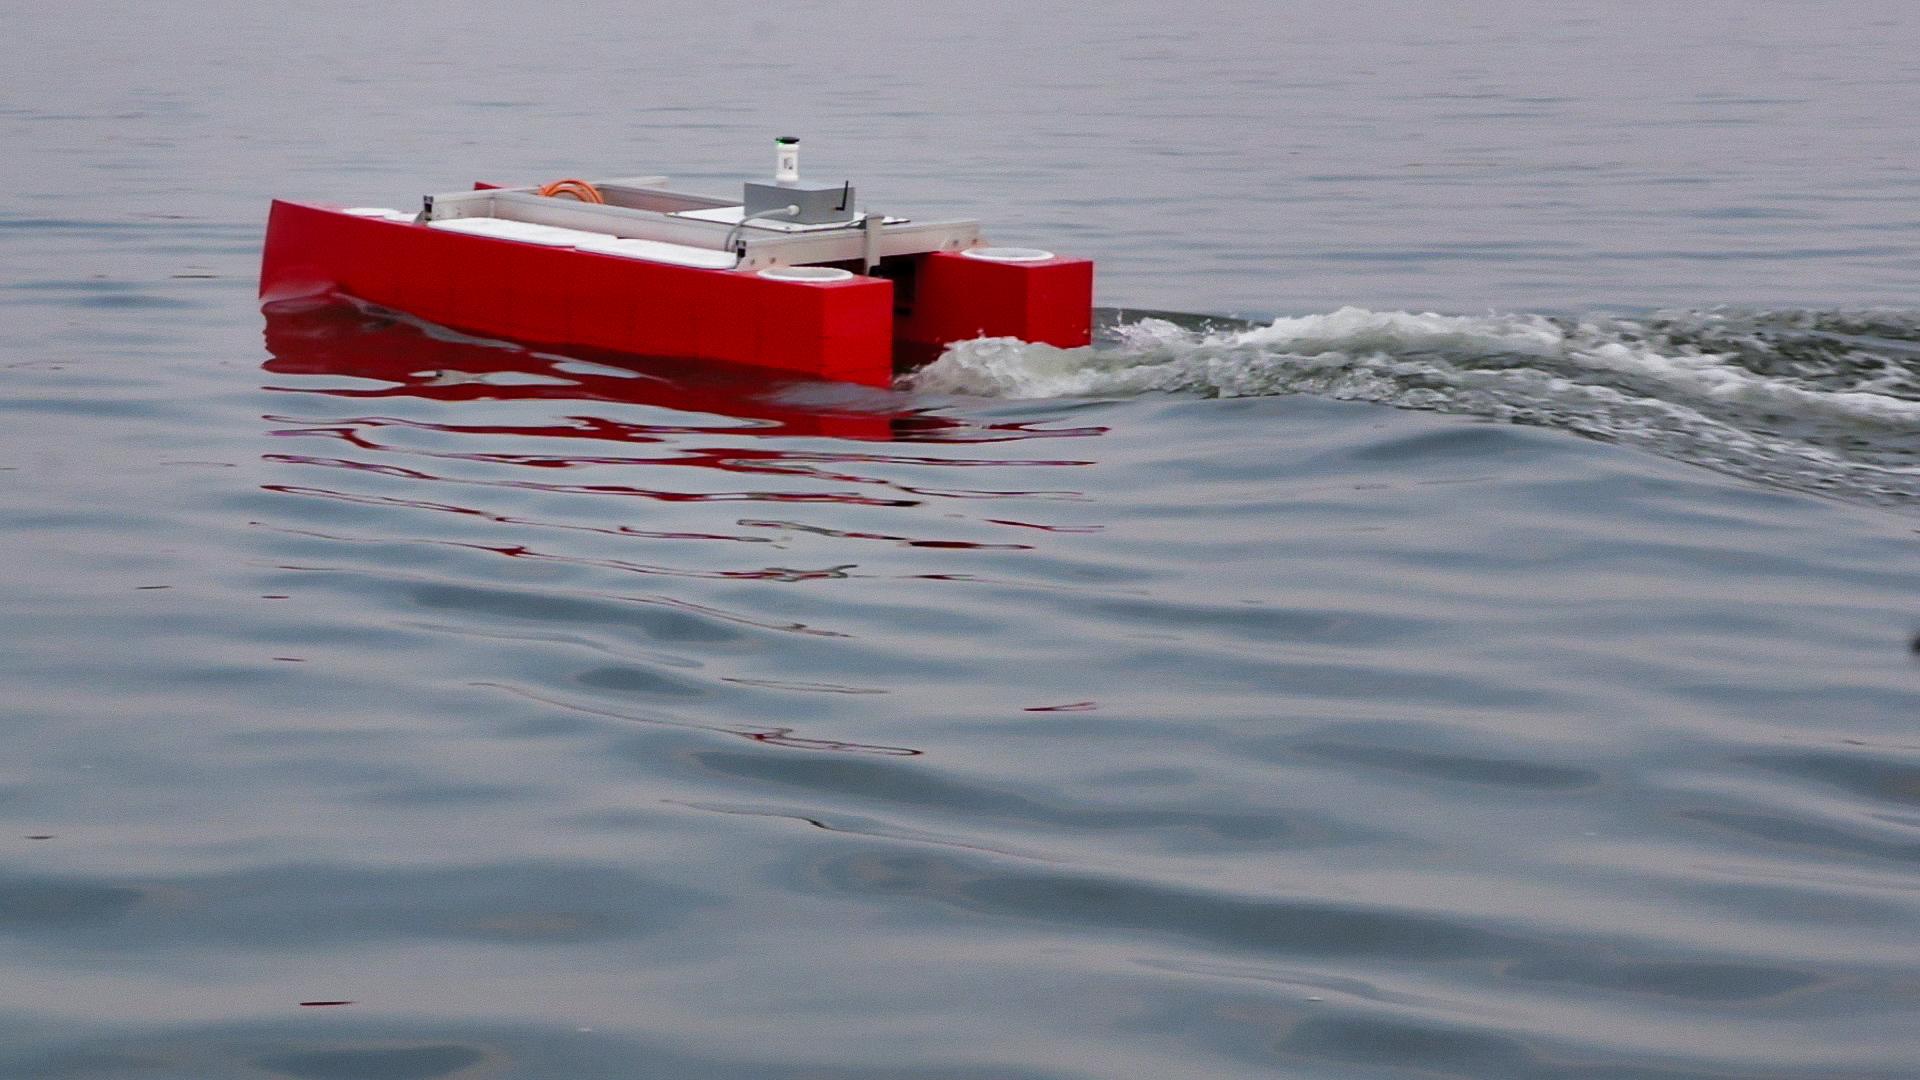 Laevade eelseadistatud autonoomsed avaveekatsed 2021-2023